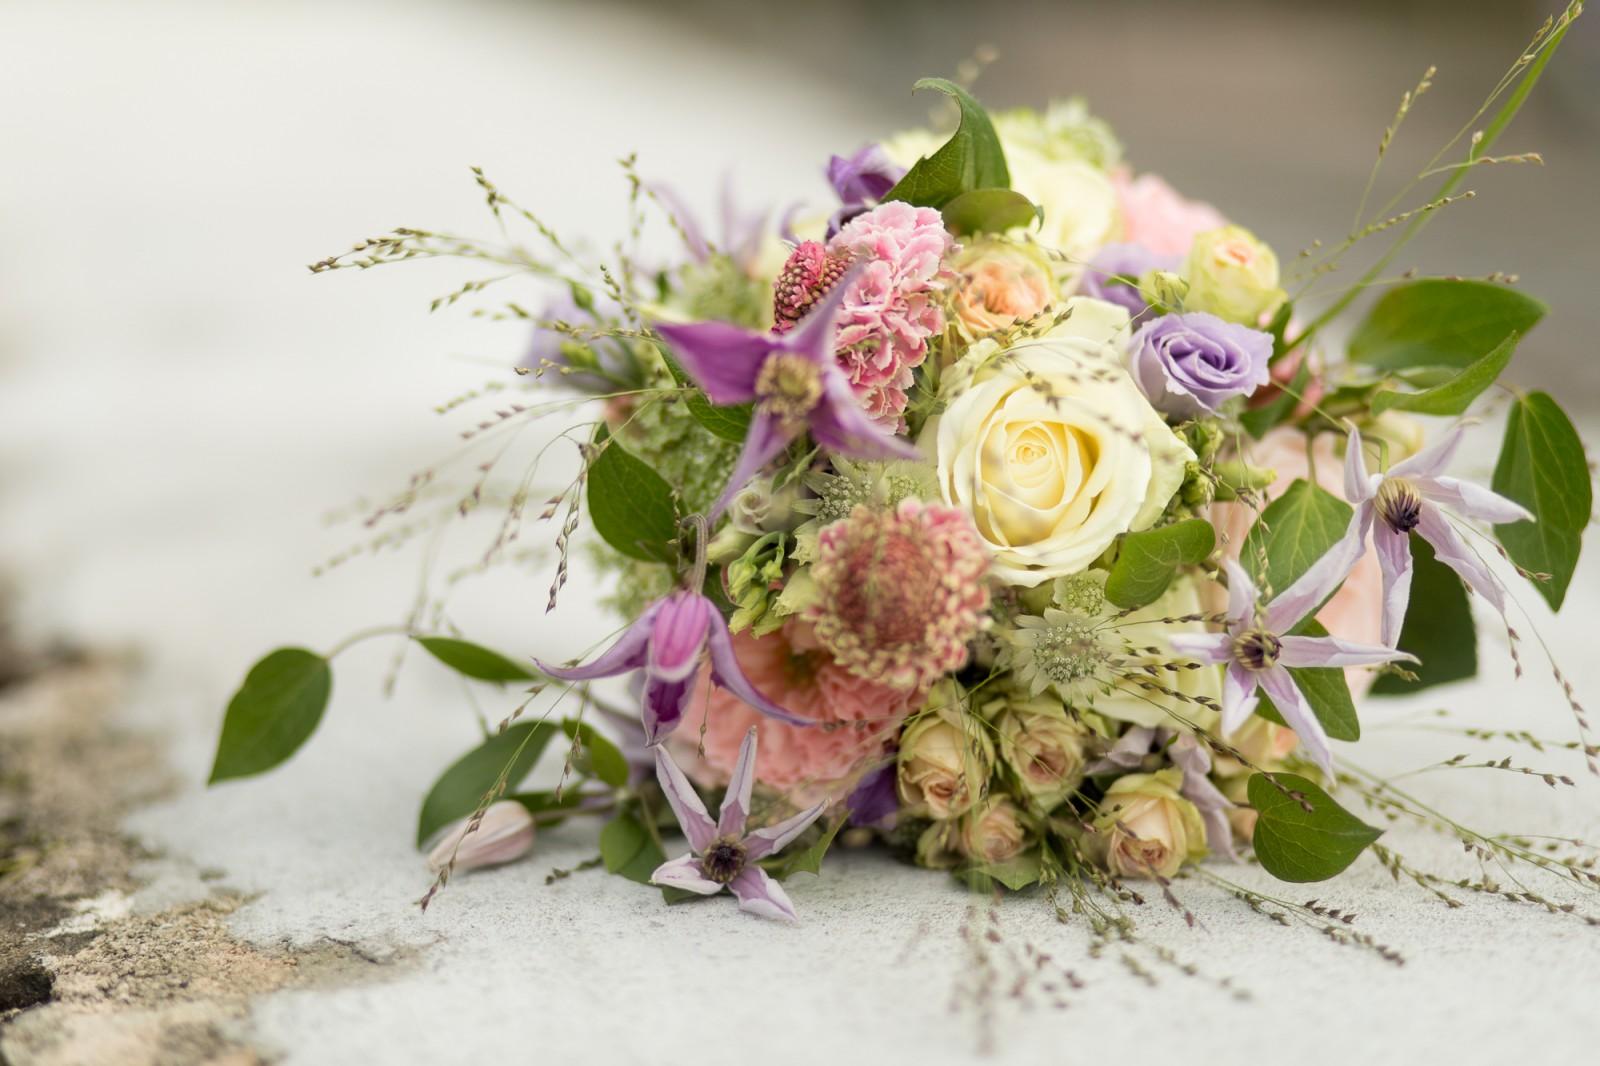 Bruidsboeket met lichte kleuren